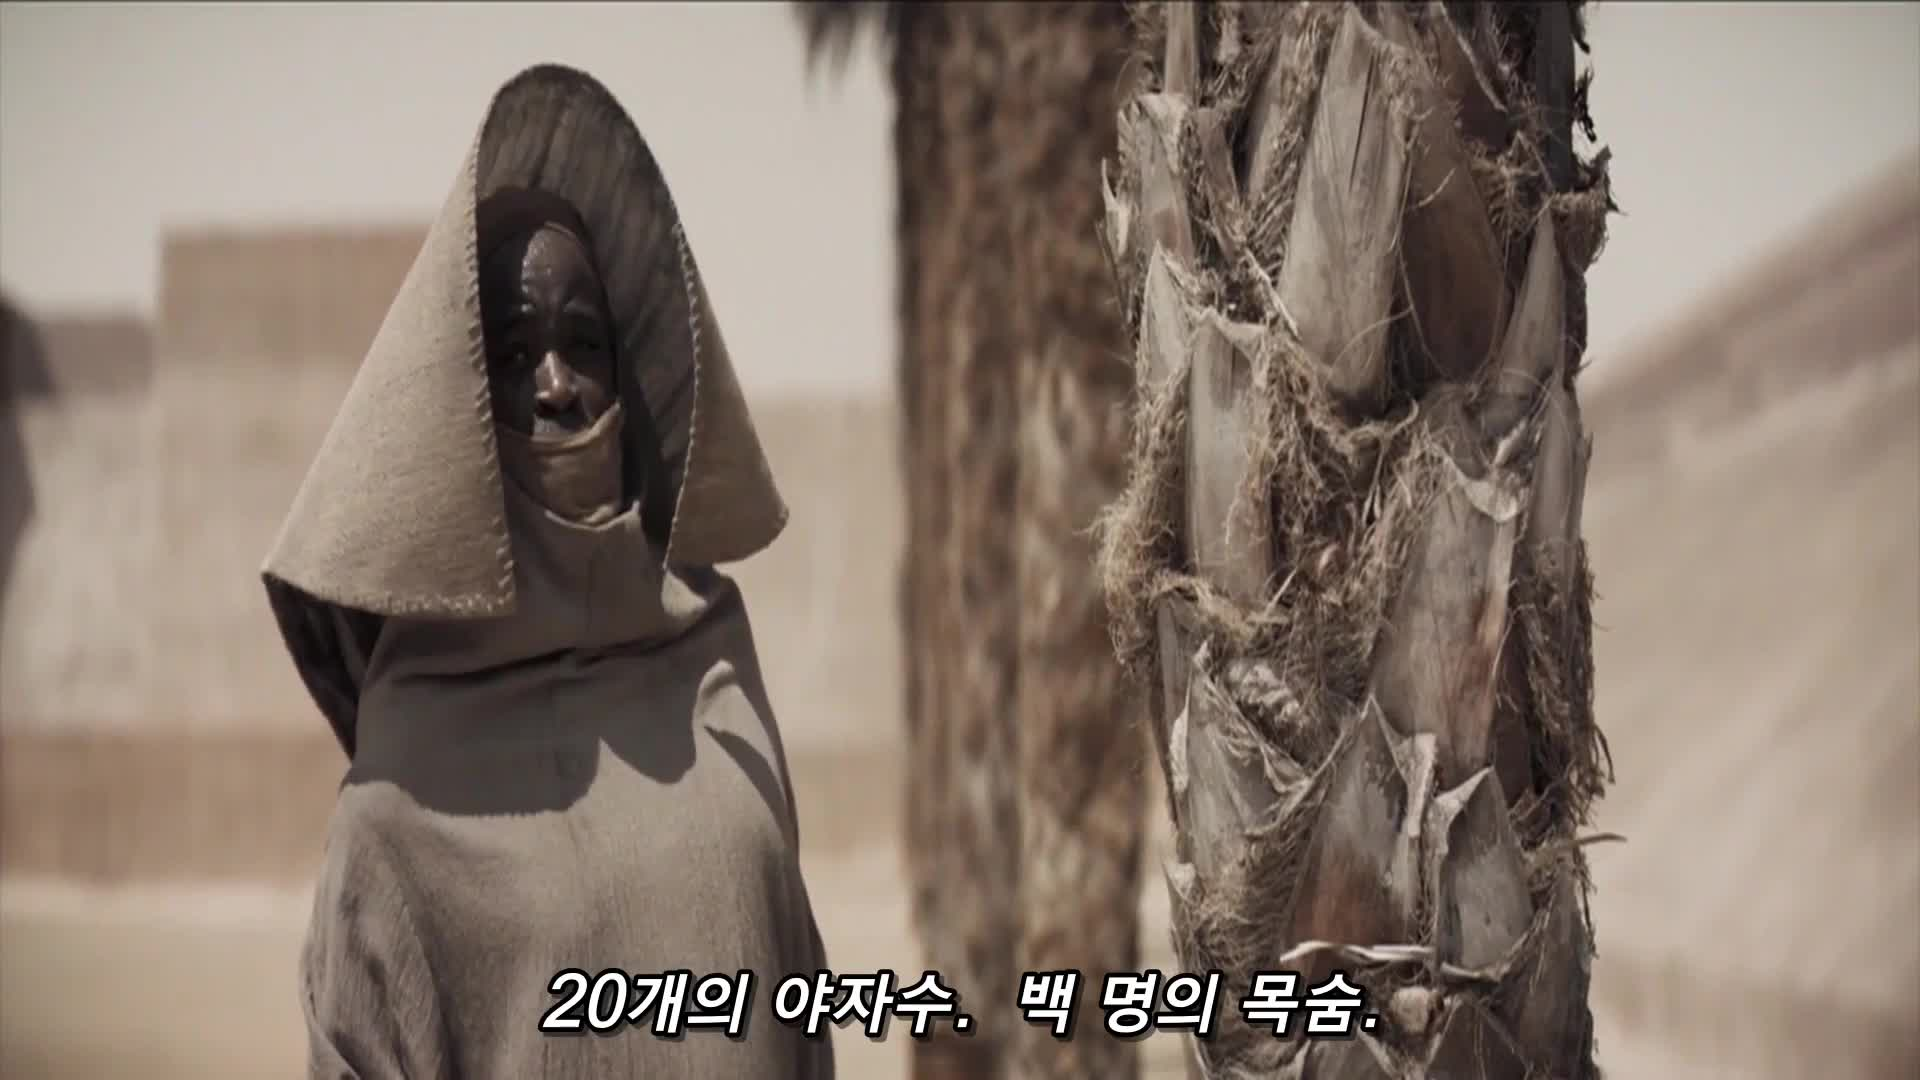 [11월 대작 SF액션] 듄-듄을 지배하면 온 우주를 지배한다 [초고화질 번역자막]